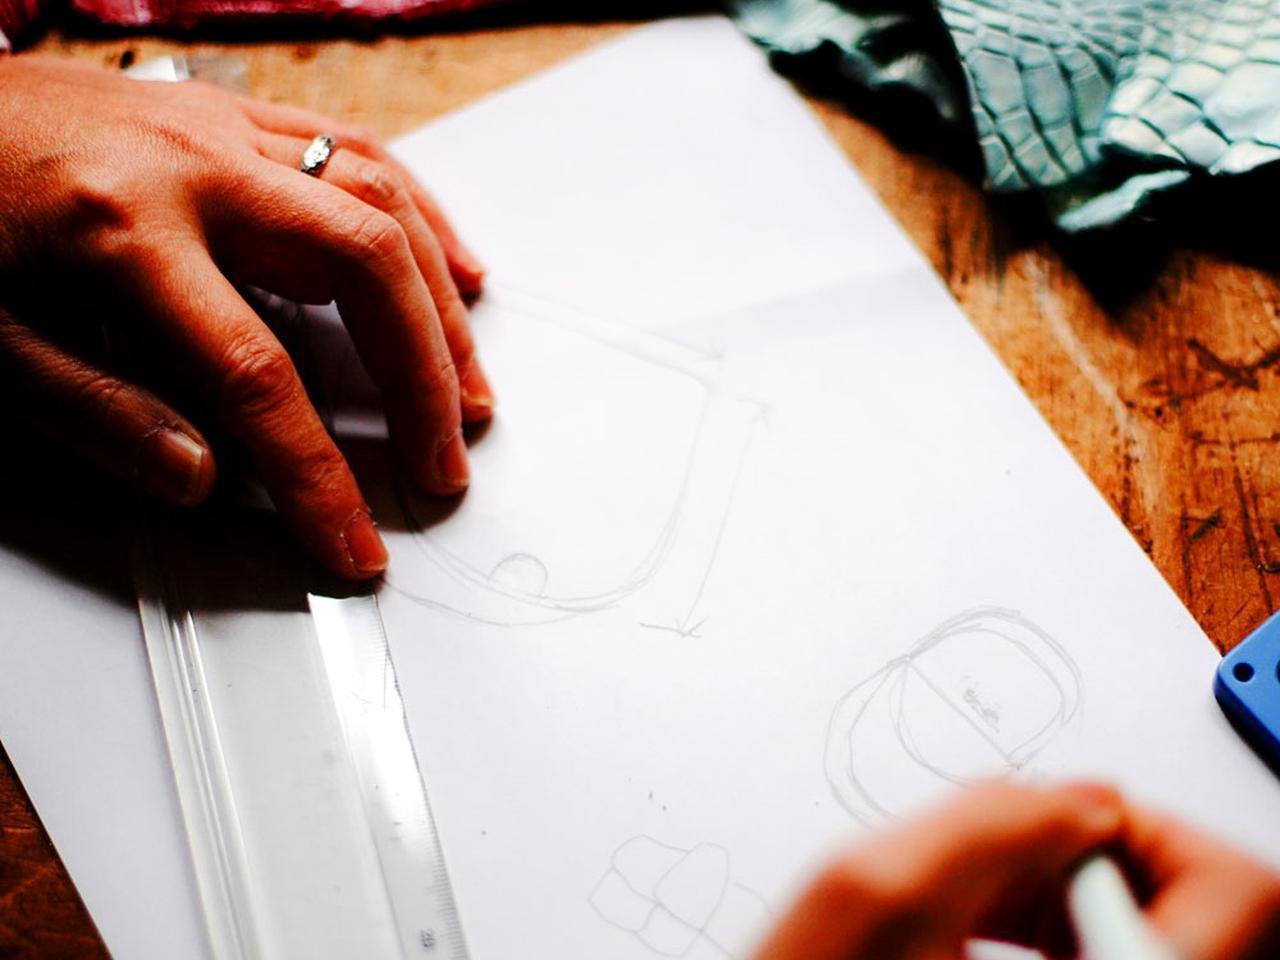 画像2: サクラワクスの工房。レザークラフトの原点だ